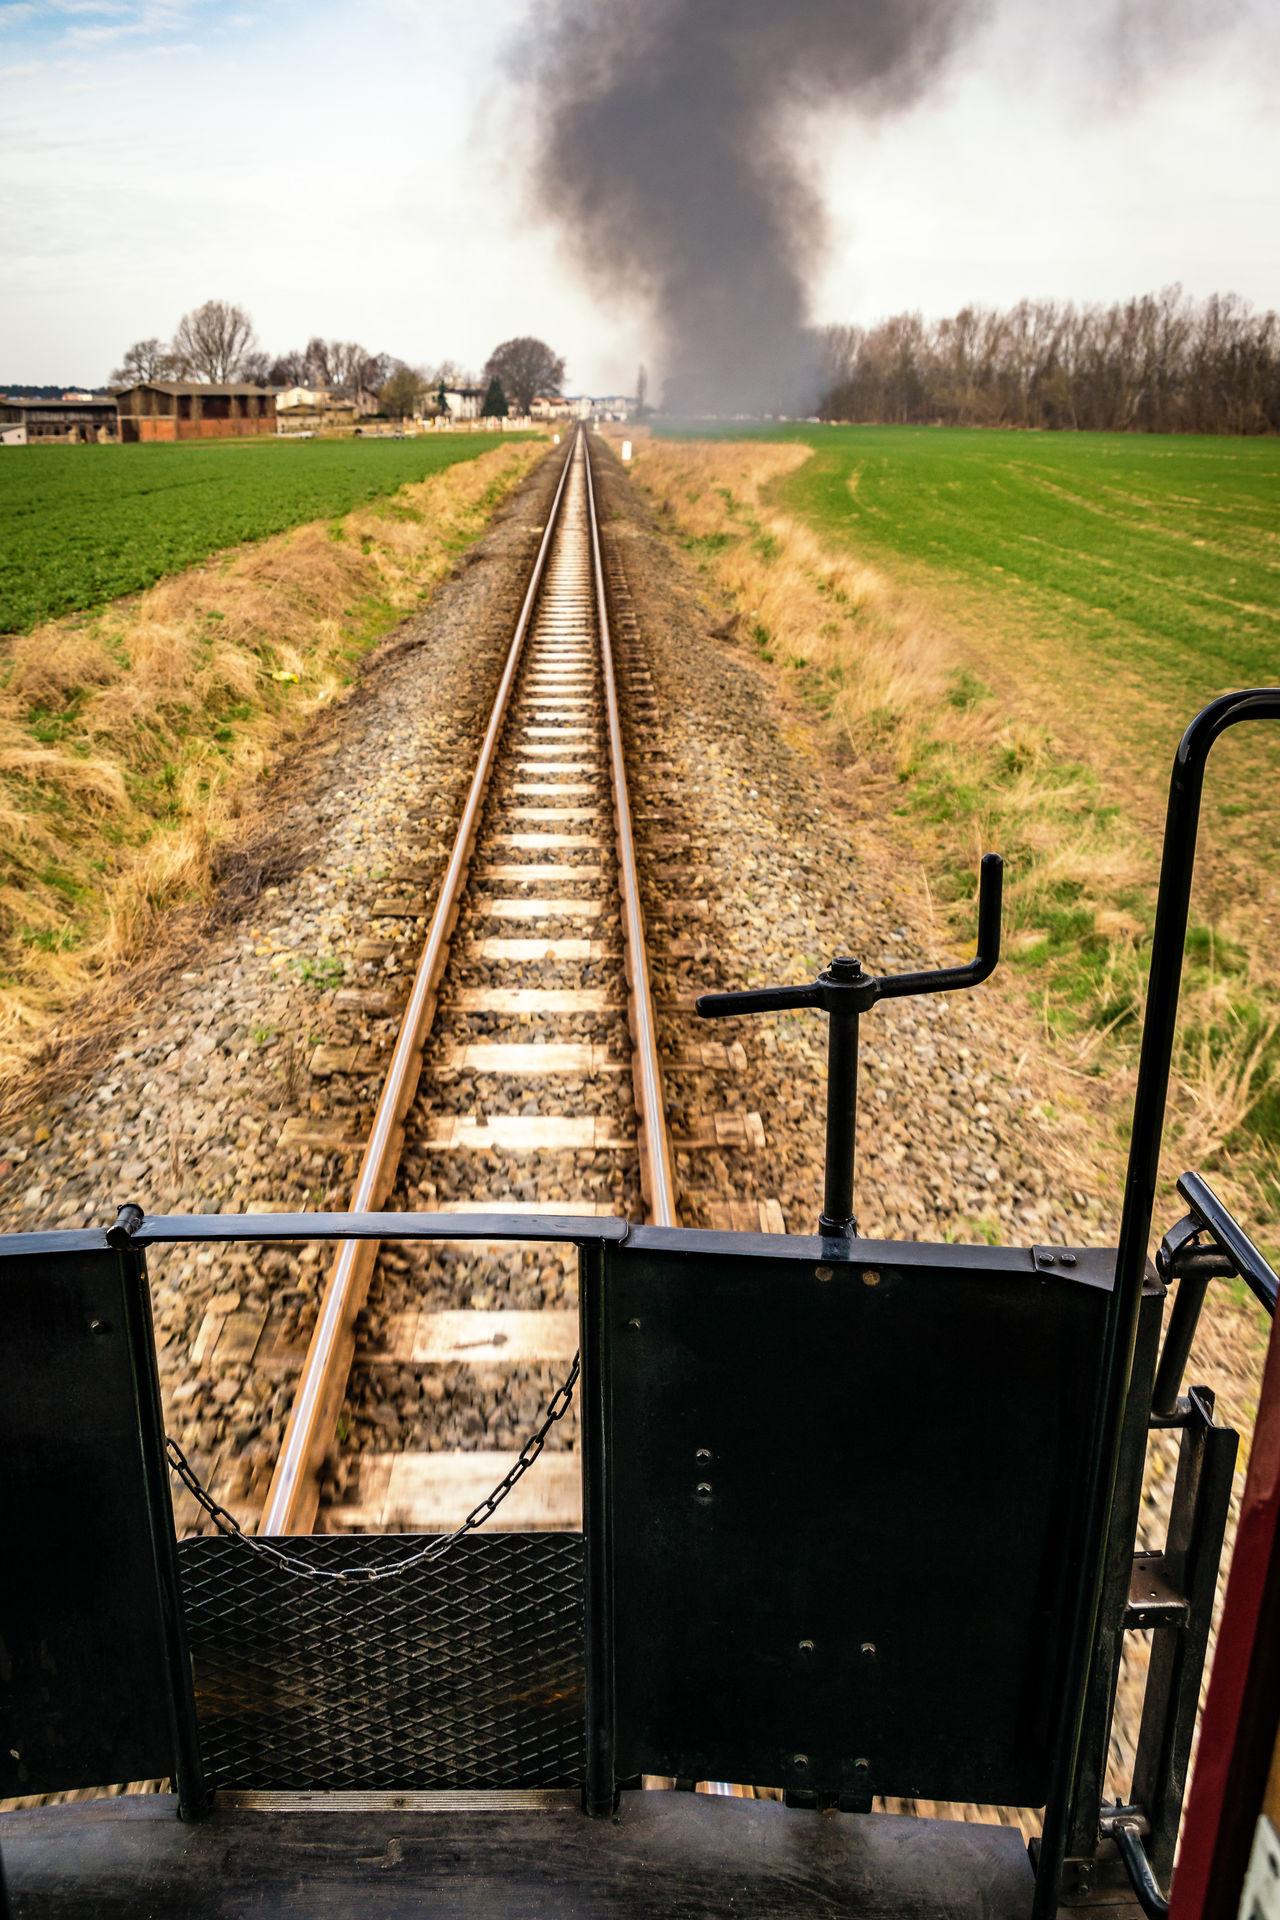 railwaywagon Railway Car Old Railcar Railway Station Platform Wagon